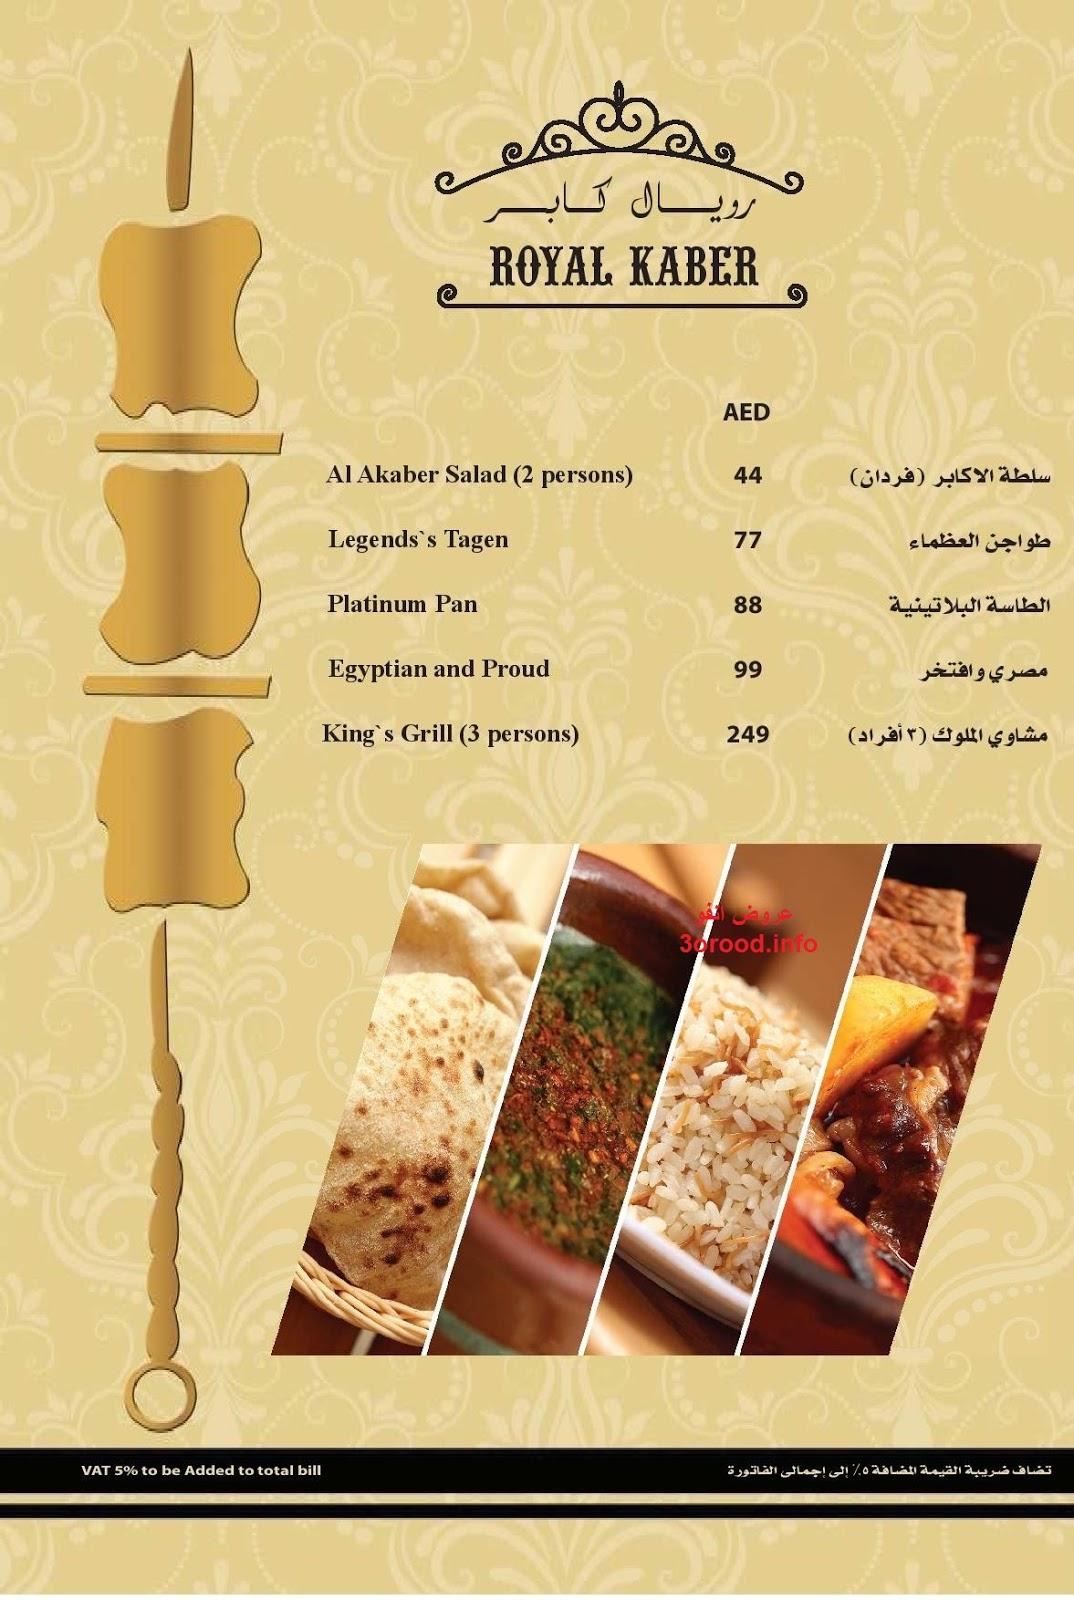 منيو مطعم صبحى كابر الامارات دبى الجديدة 2018 Sobhy Kaber UAE Menu